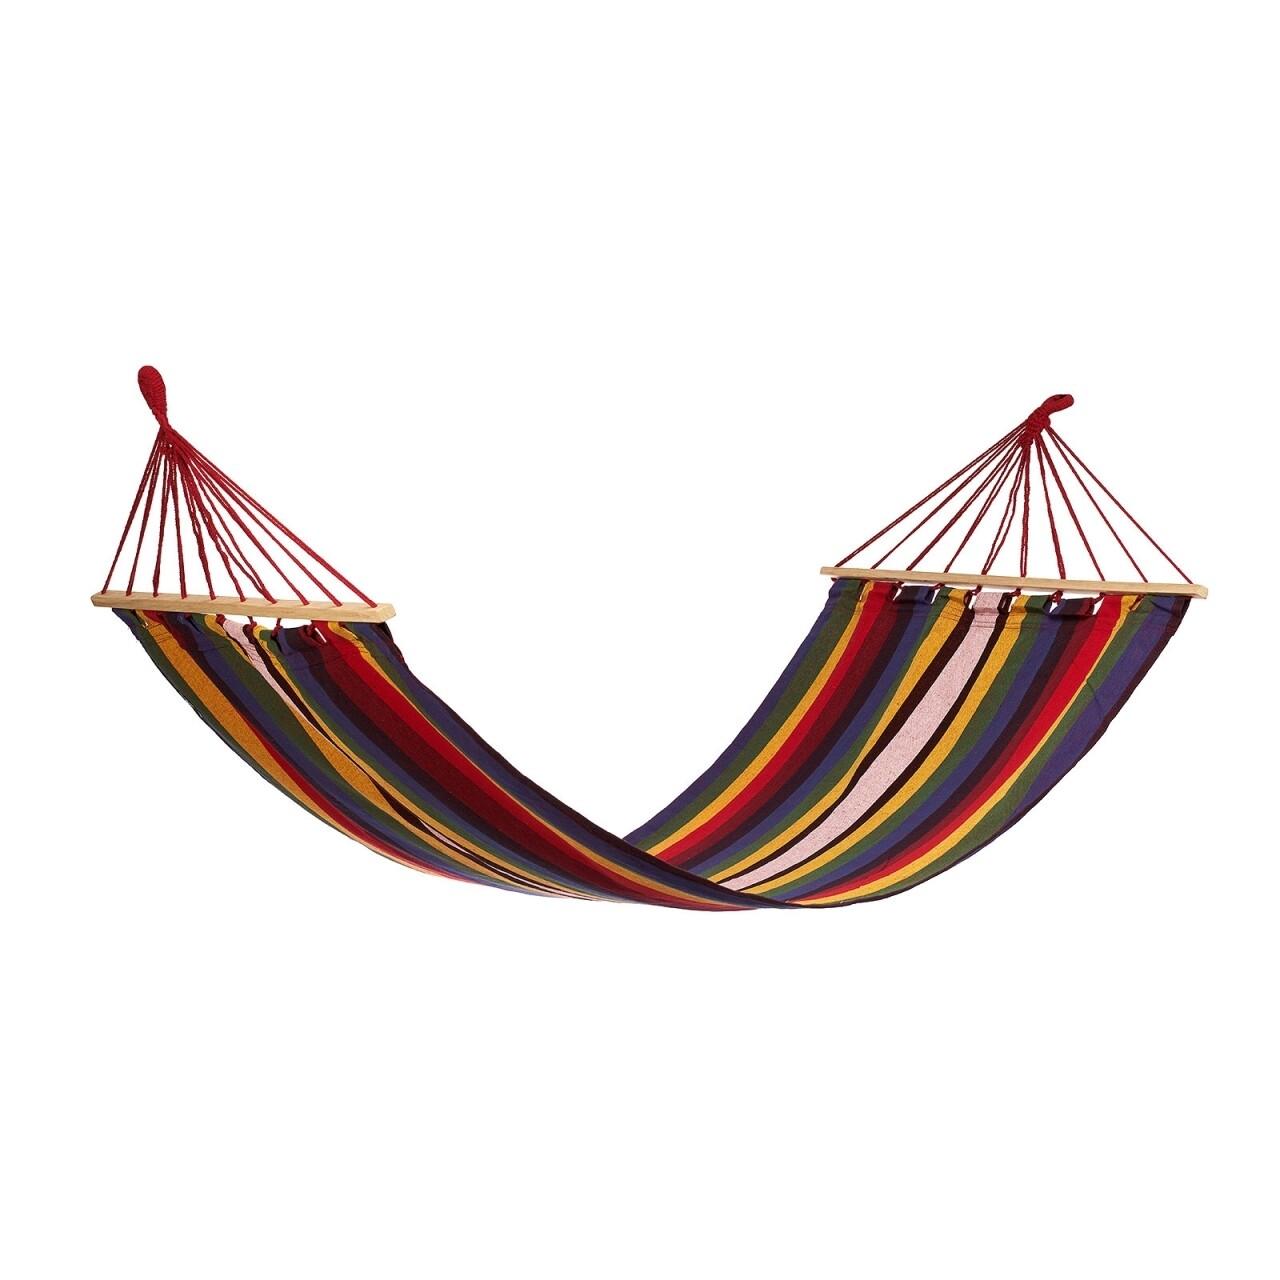 Hamac Multicolor cu bare de lemn, 200x80 cm, Heinner